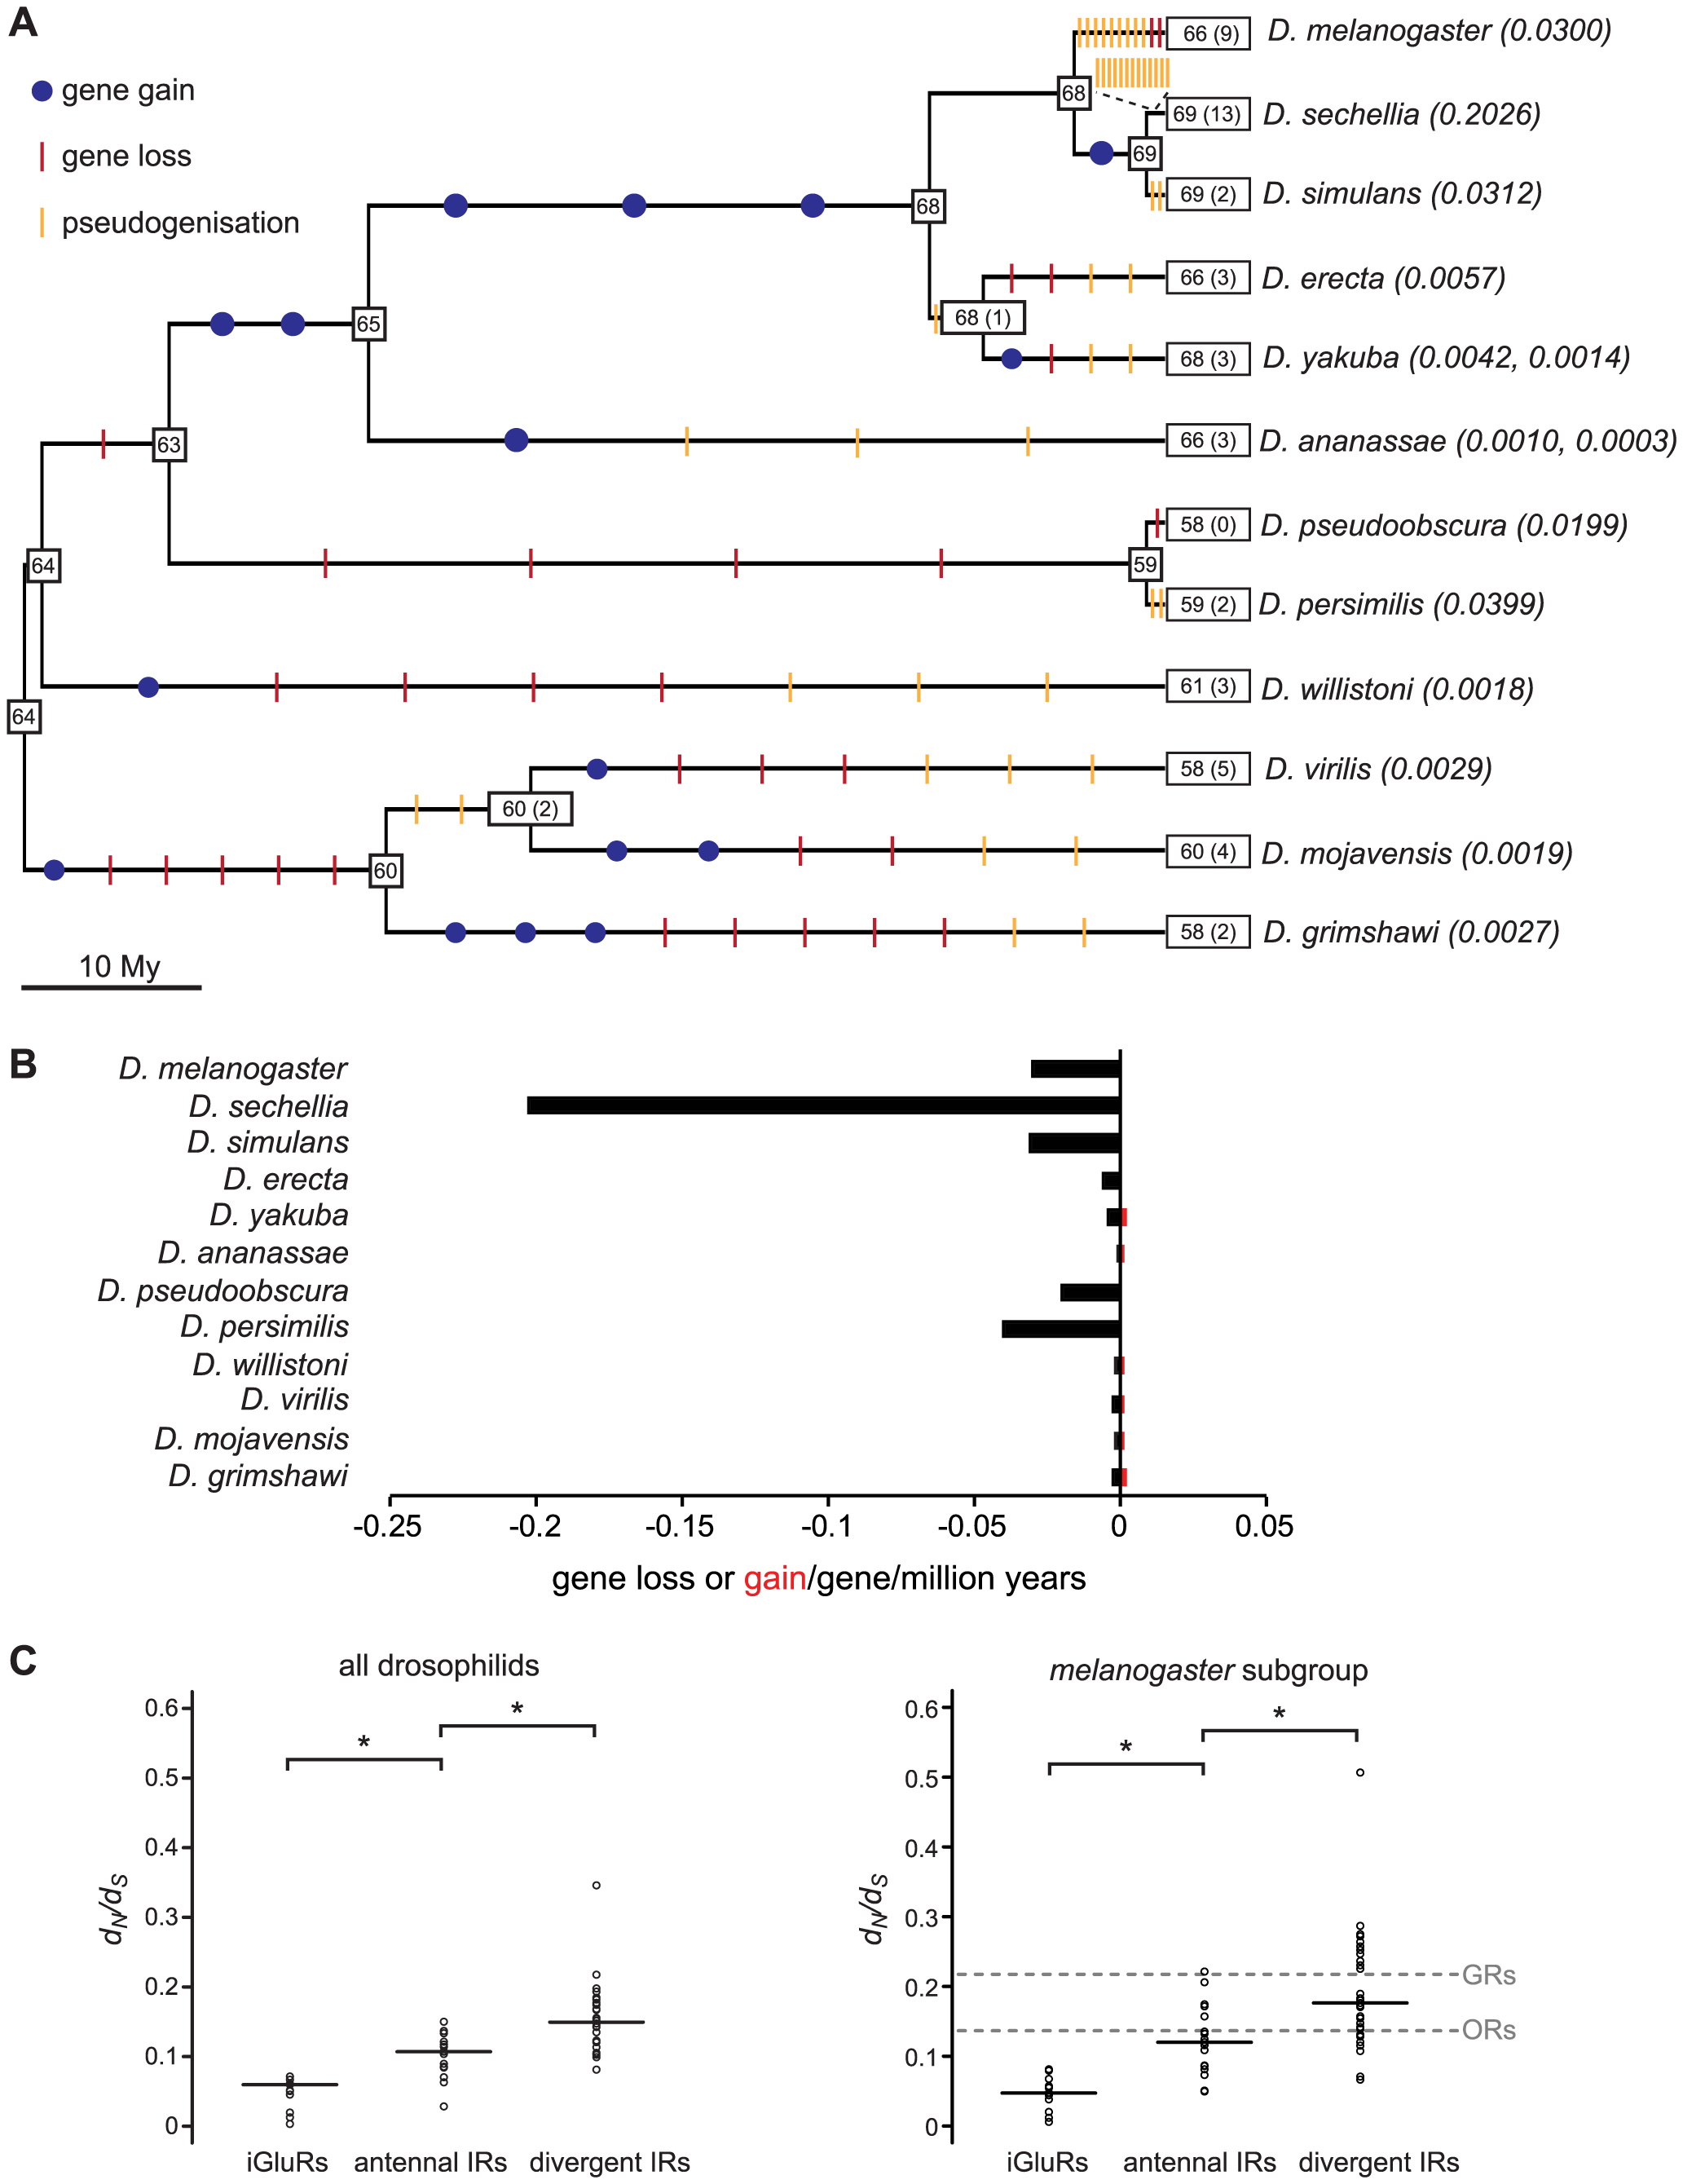 Gene loss and gain and selective pressures in drosophilid IR repertoires.